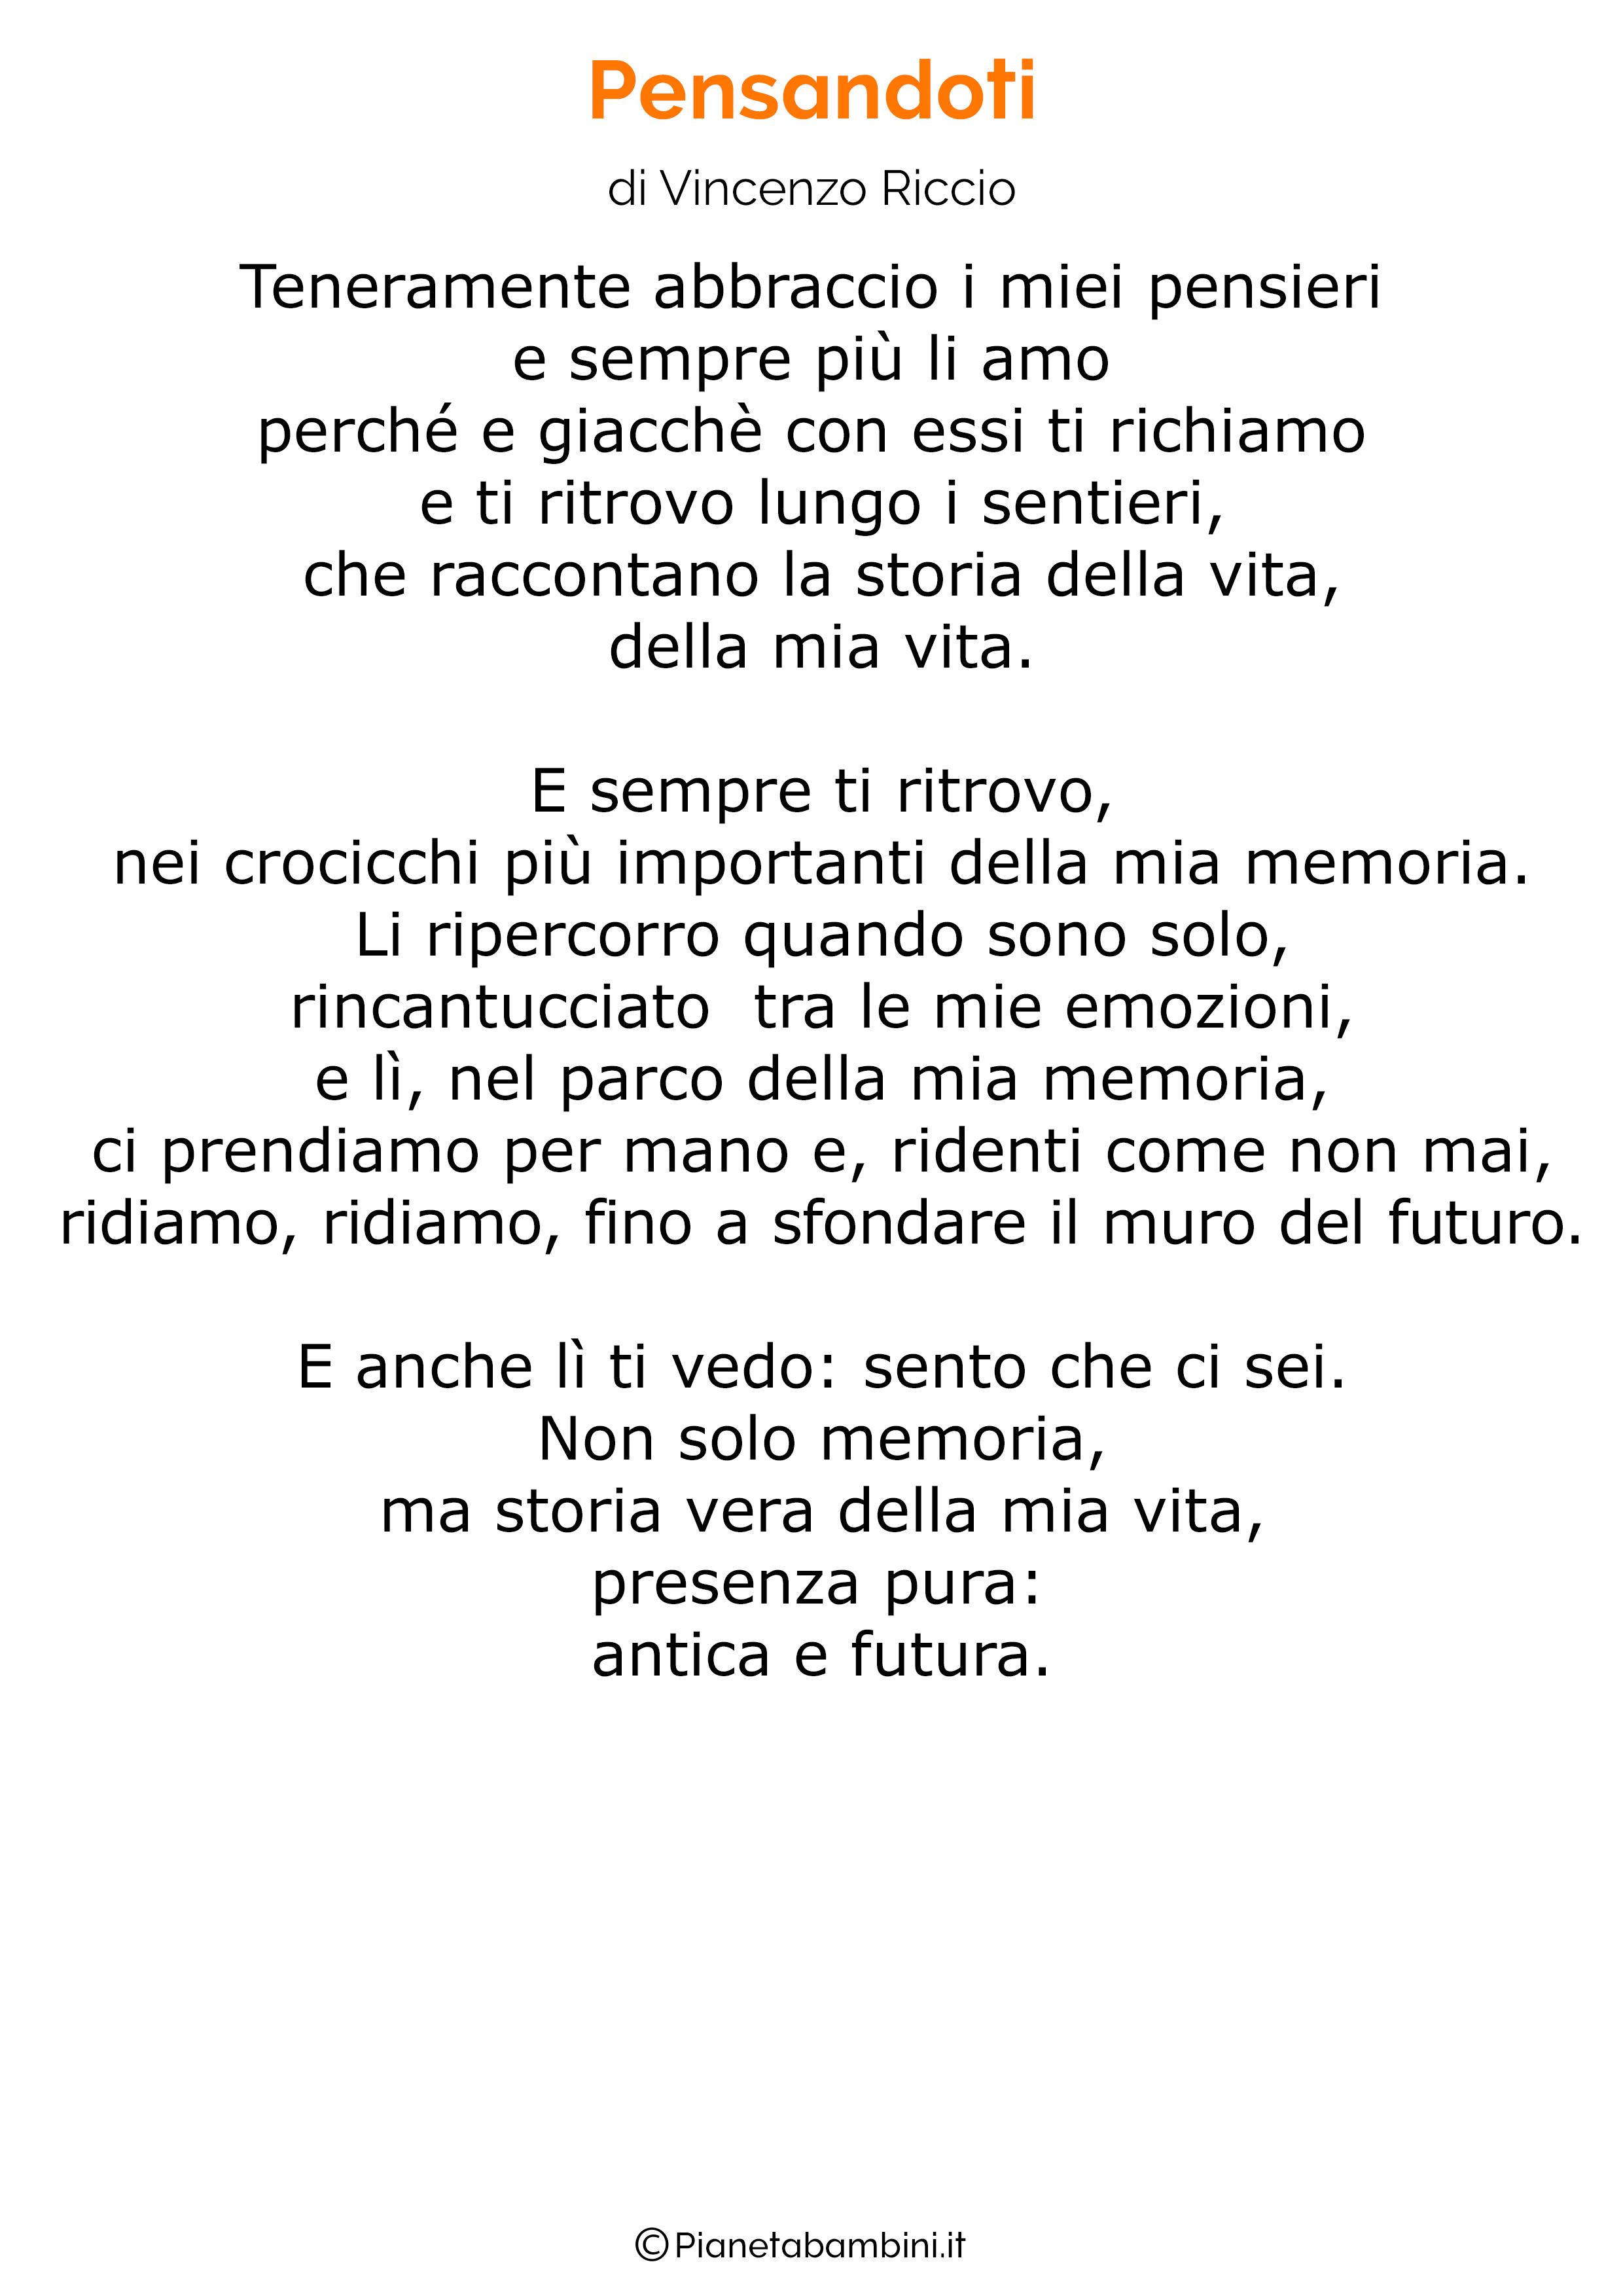 Poesia per la festa del papa per bambini 05